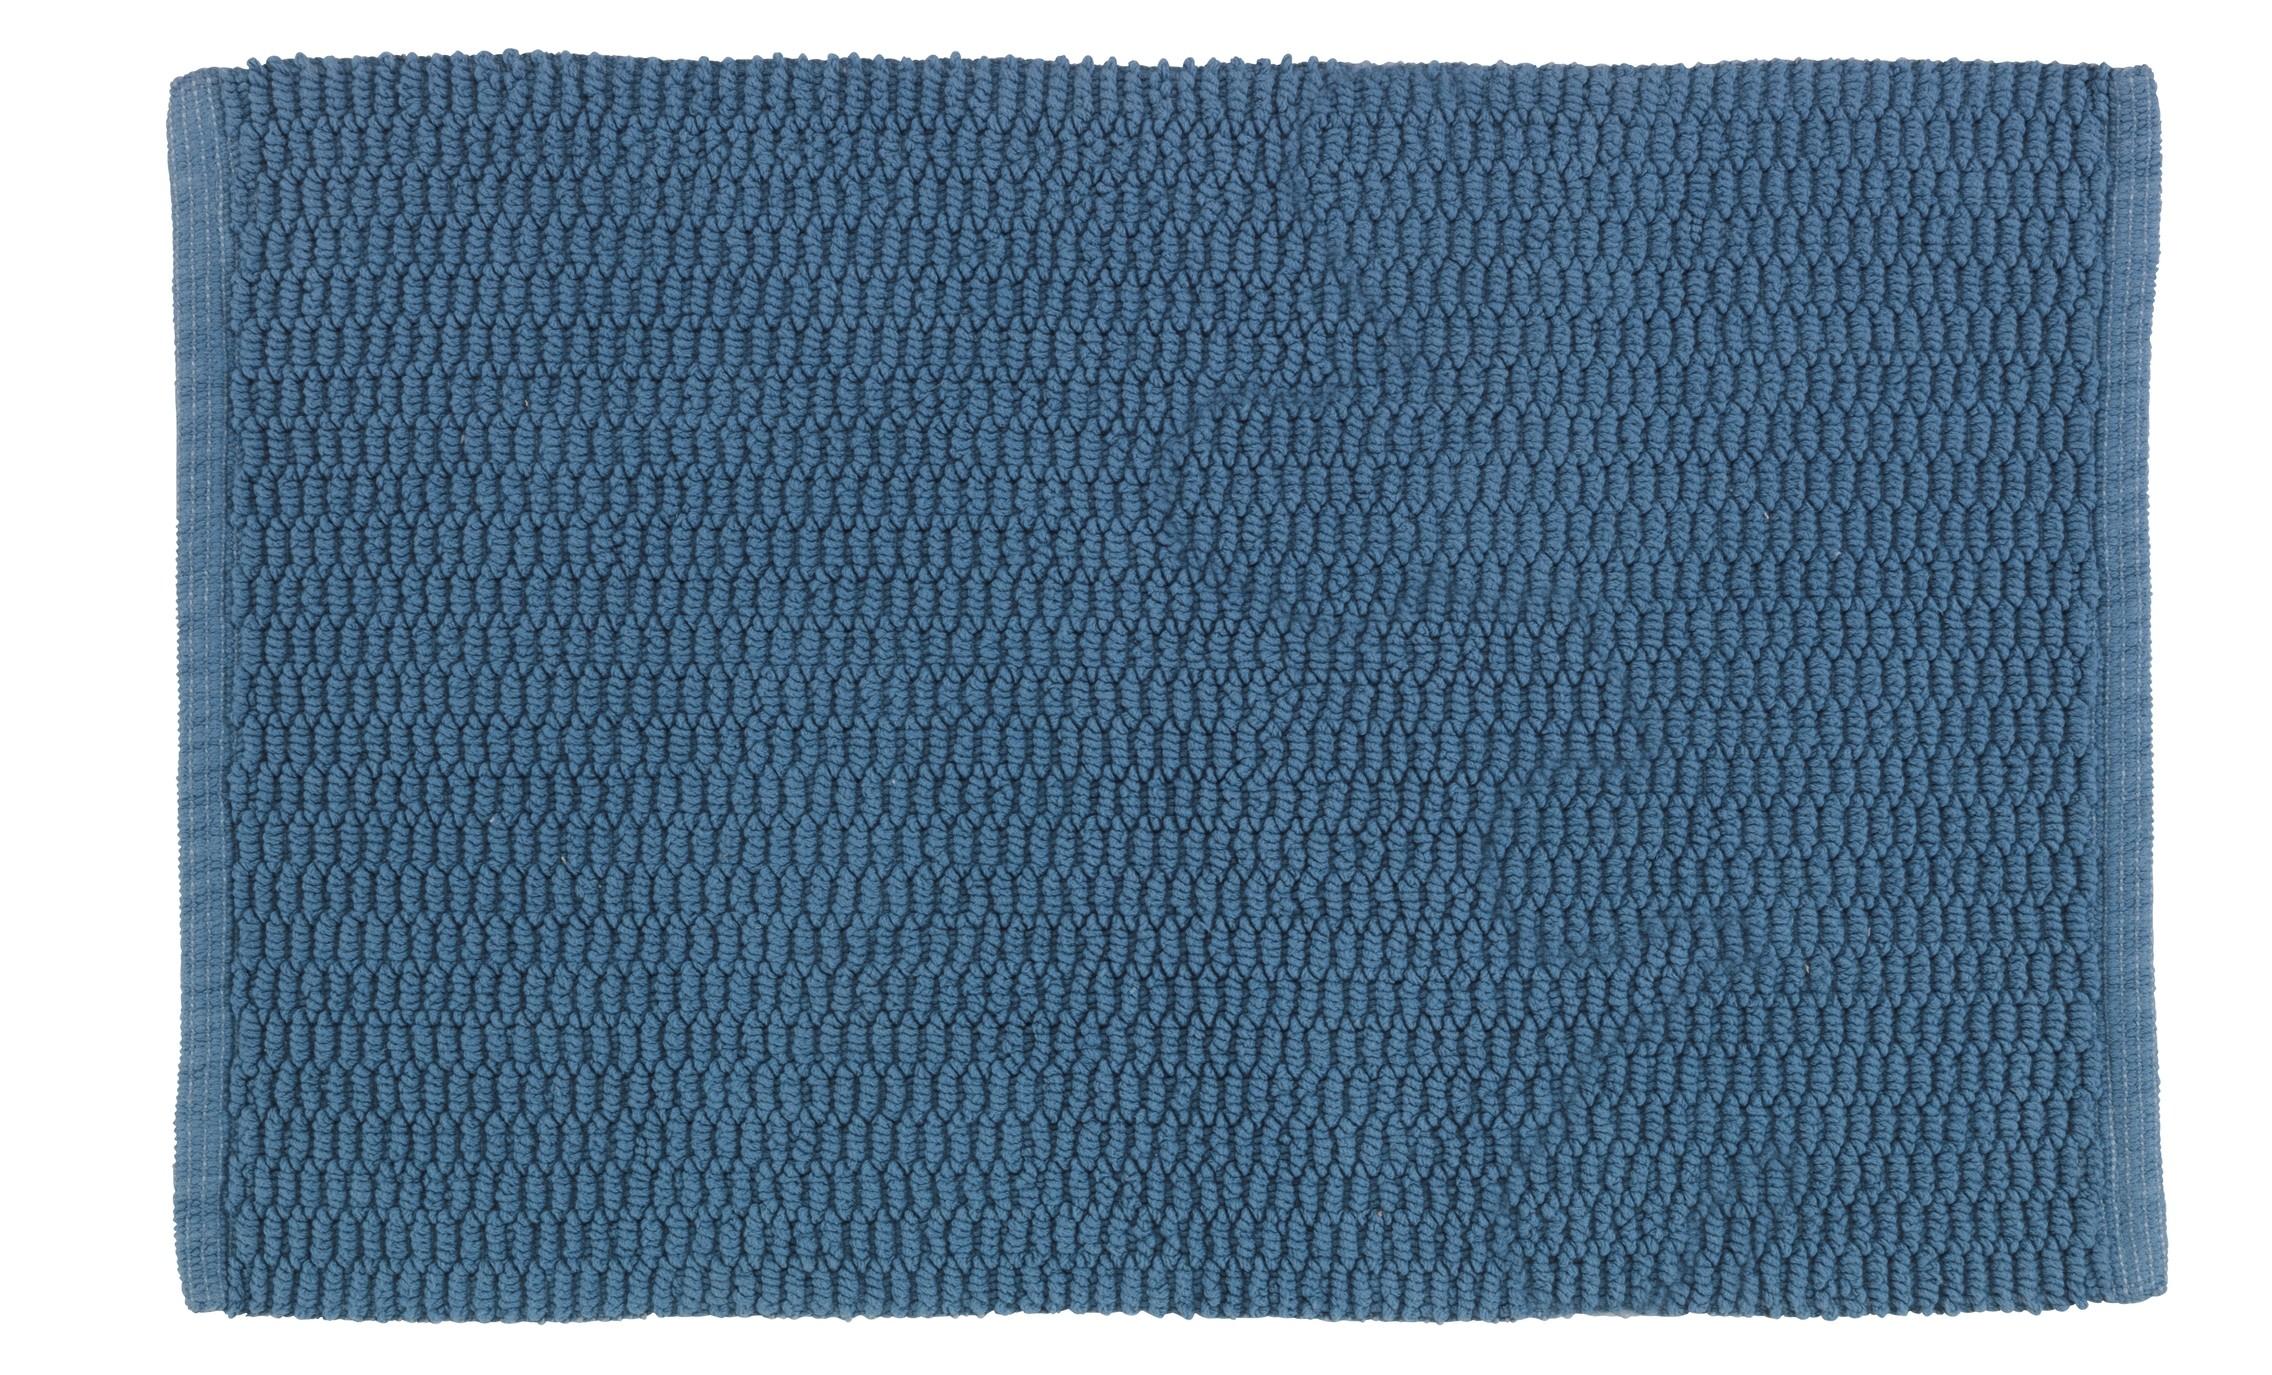 Wenko Badteppich Mona Graublau, Baumwolle, 50 x 80 cm